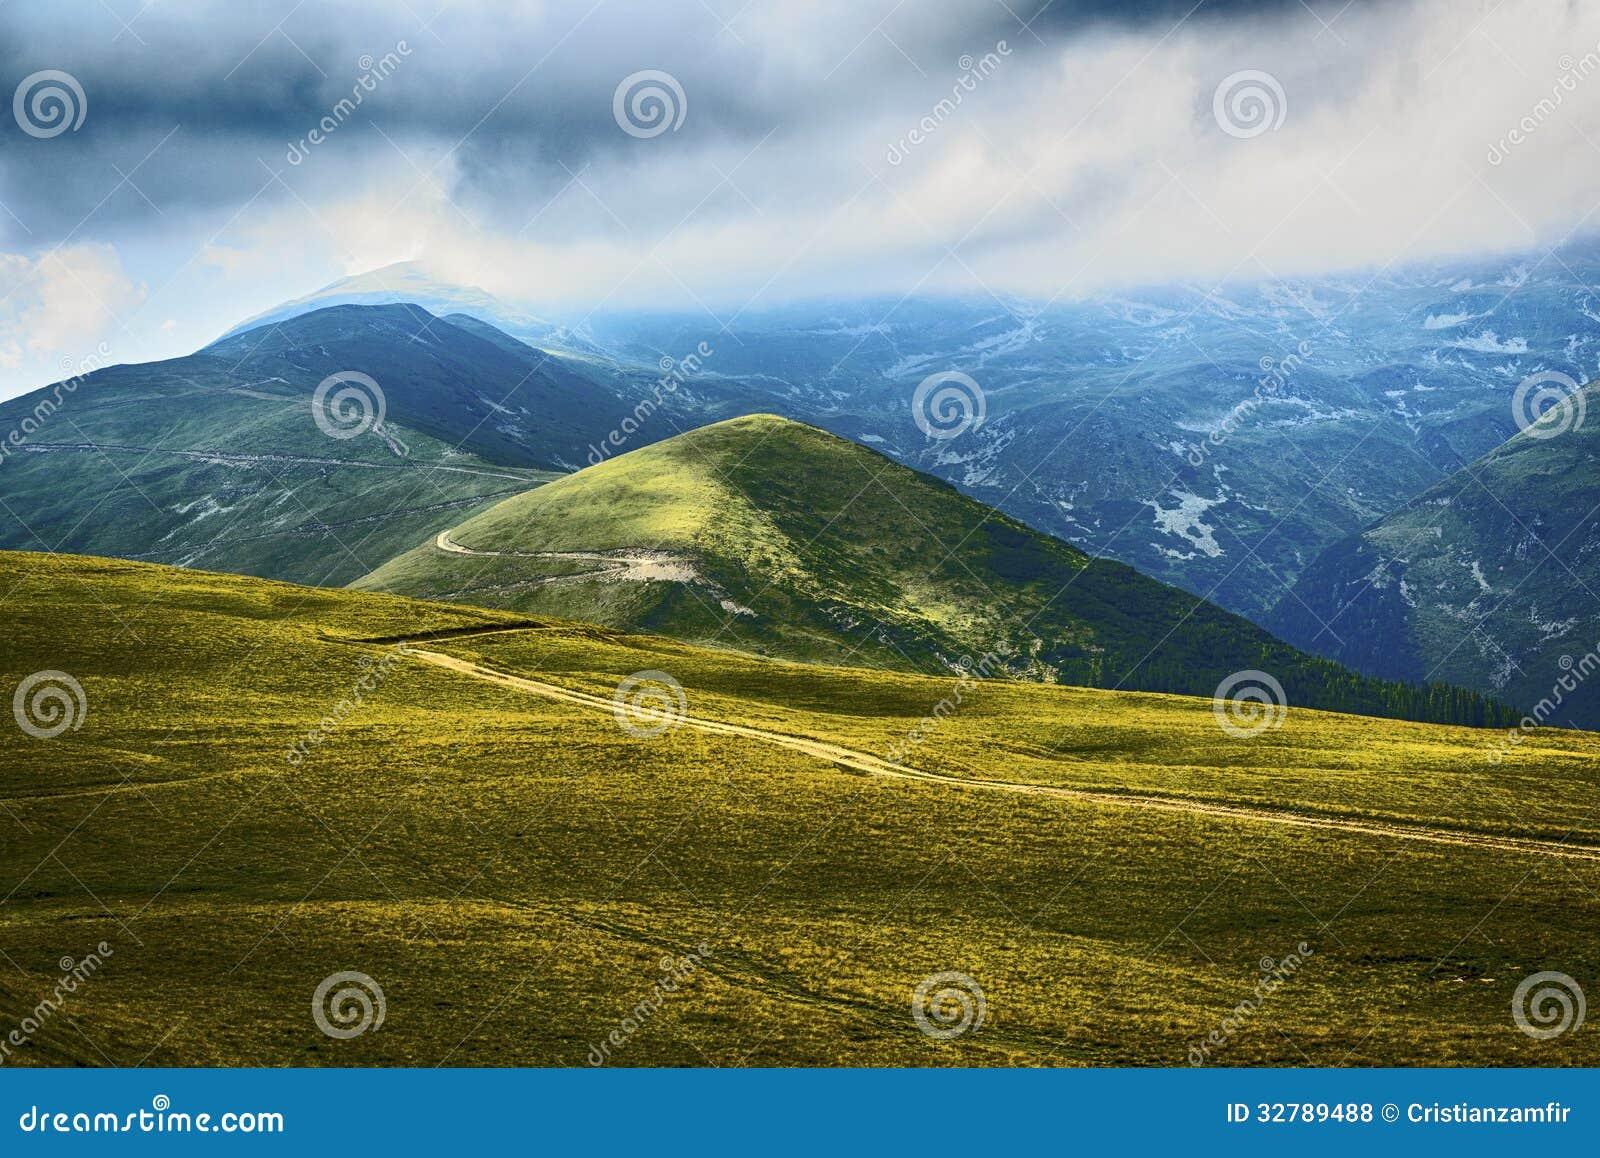 Landscape in transylvania romania royalty free stock for Romania landscape